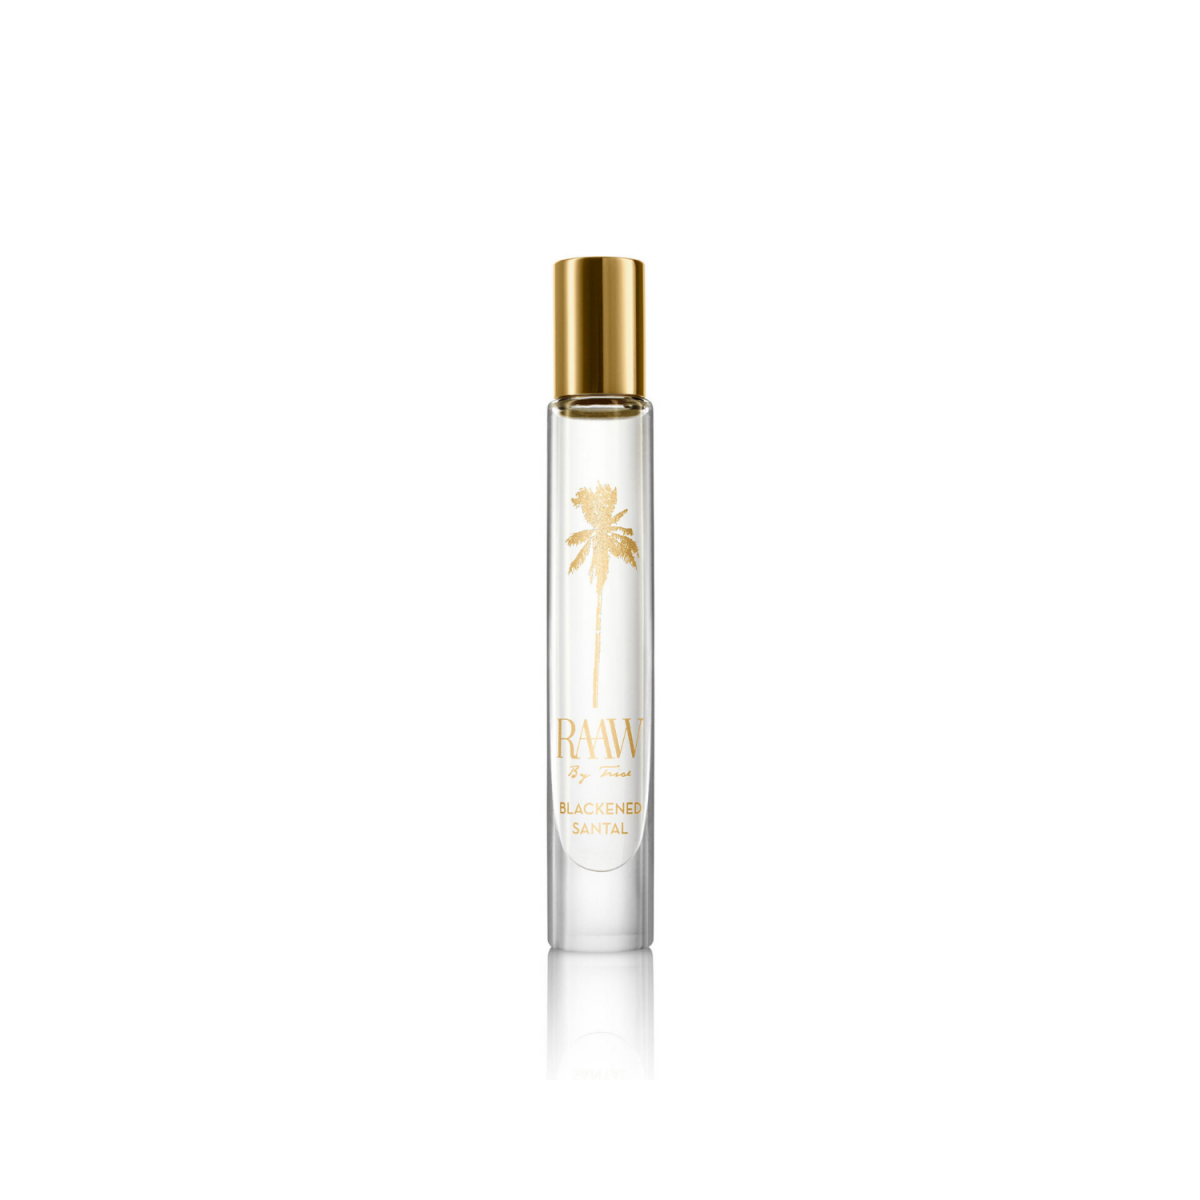 blackened santal perfume oil